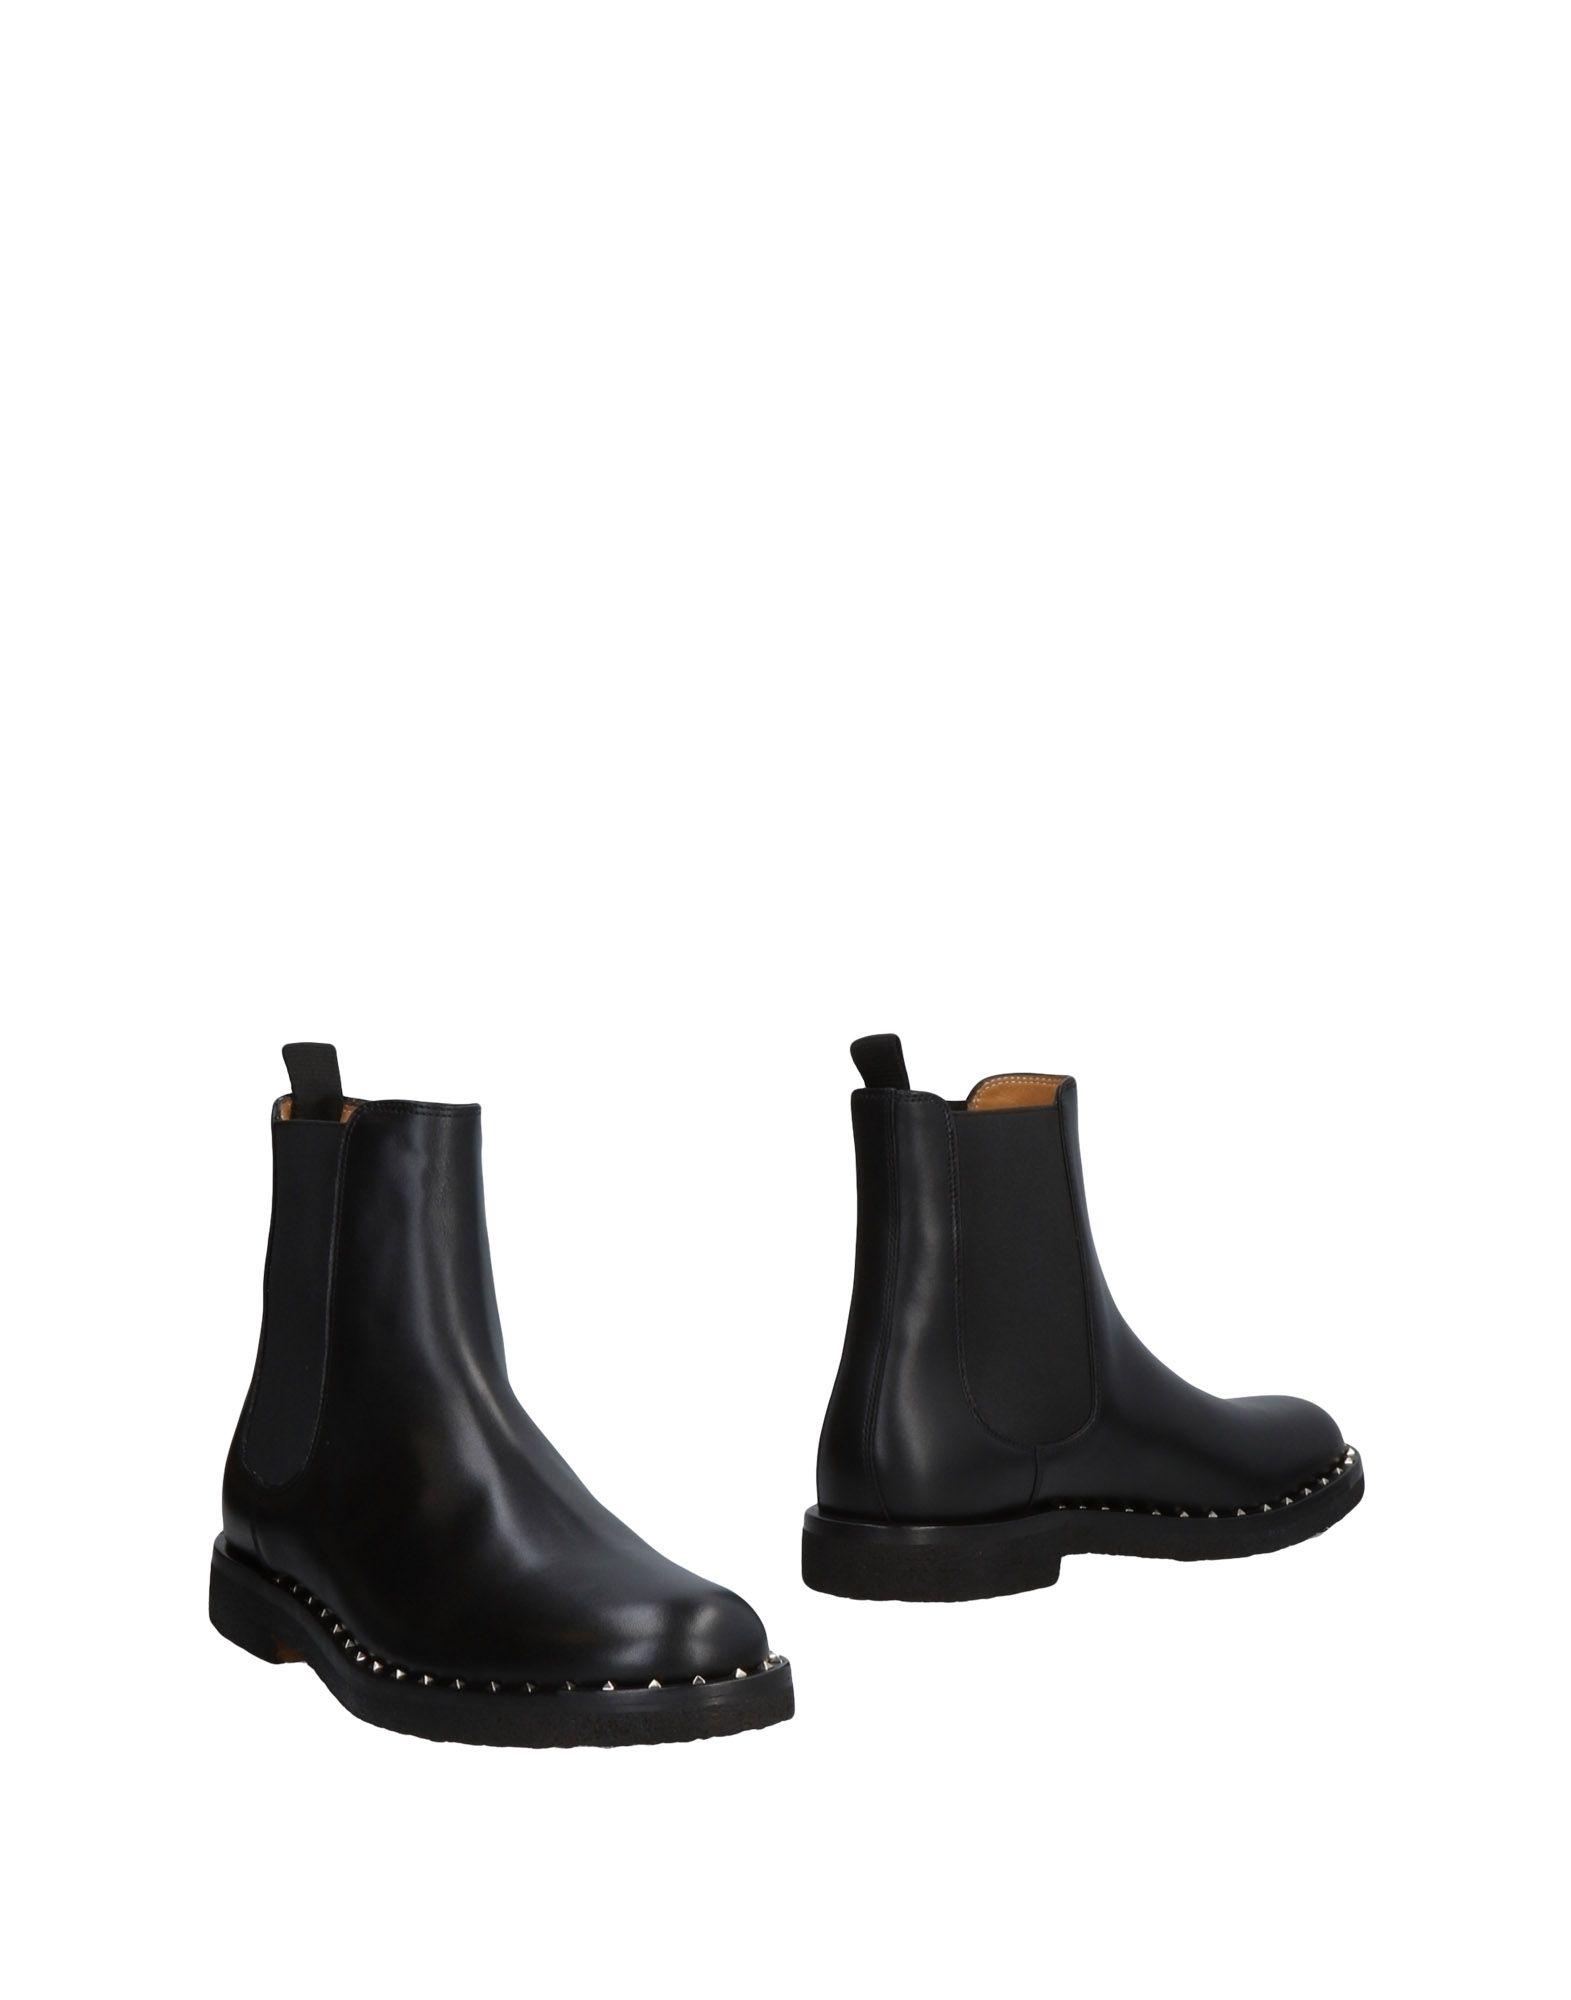 Valentino Garavani Boots - Men on Valentino Garavani Boots online on Men  Australia - 11462260IP 763c1e